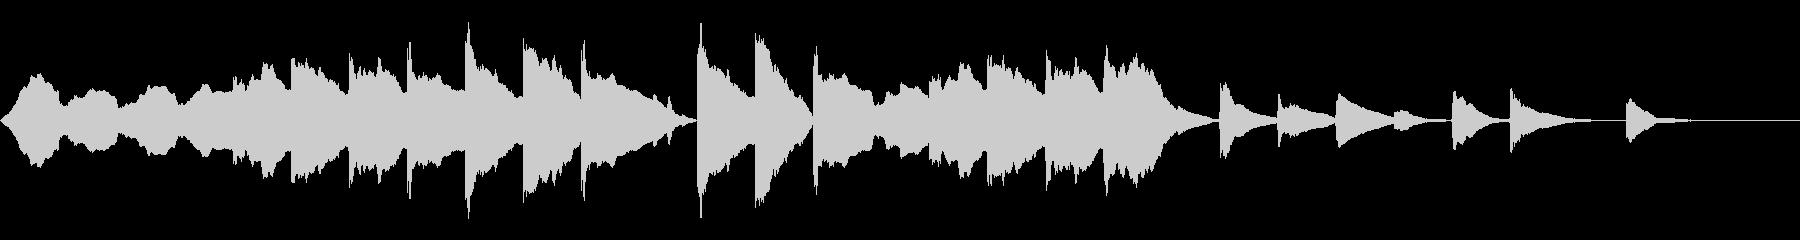 木管と木琴ののどかなイメージの曲の未再生の波形